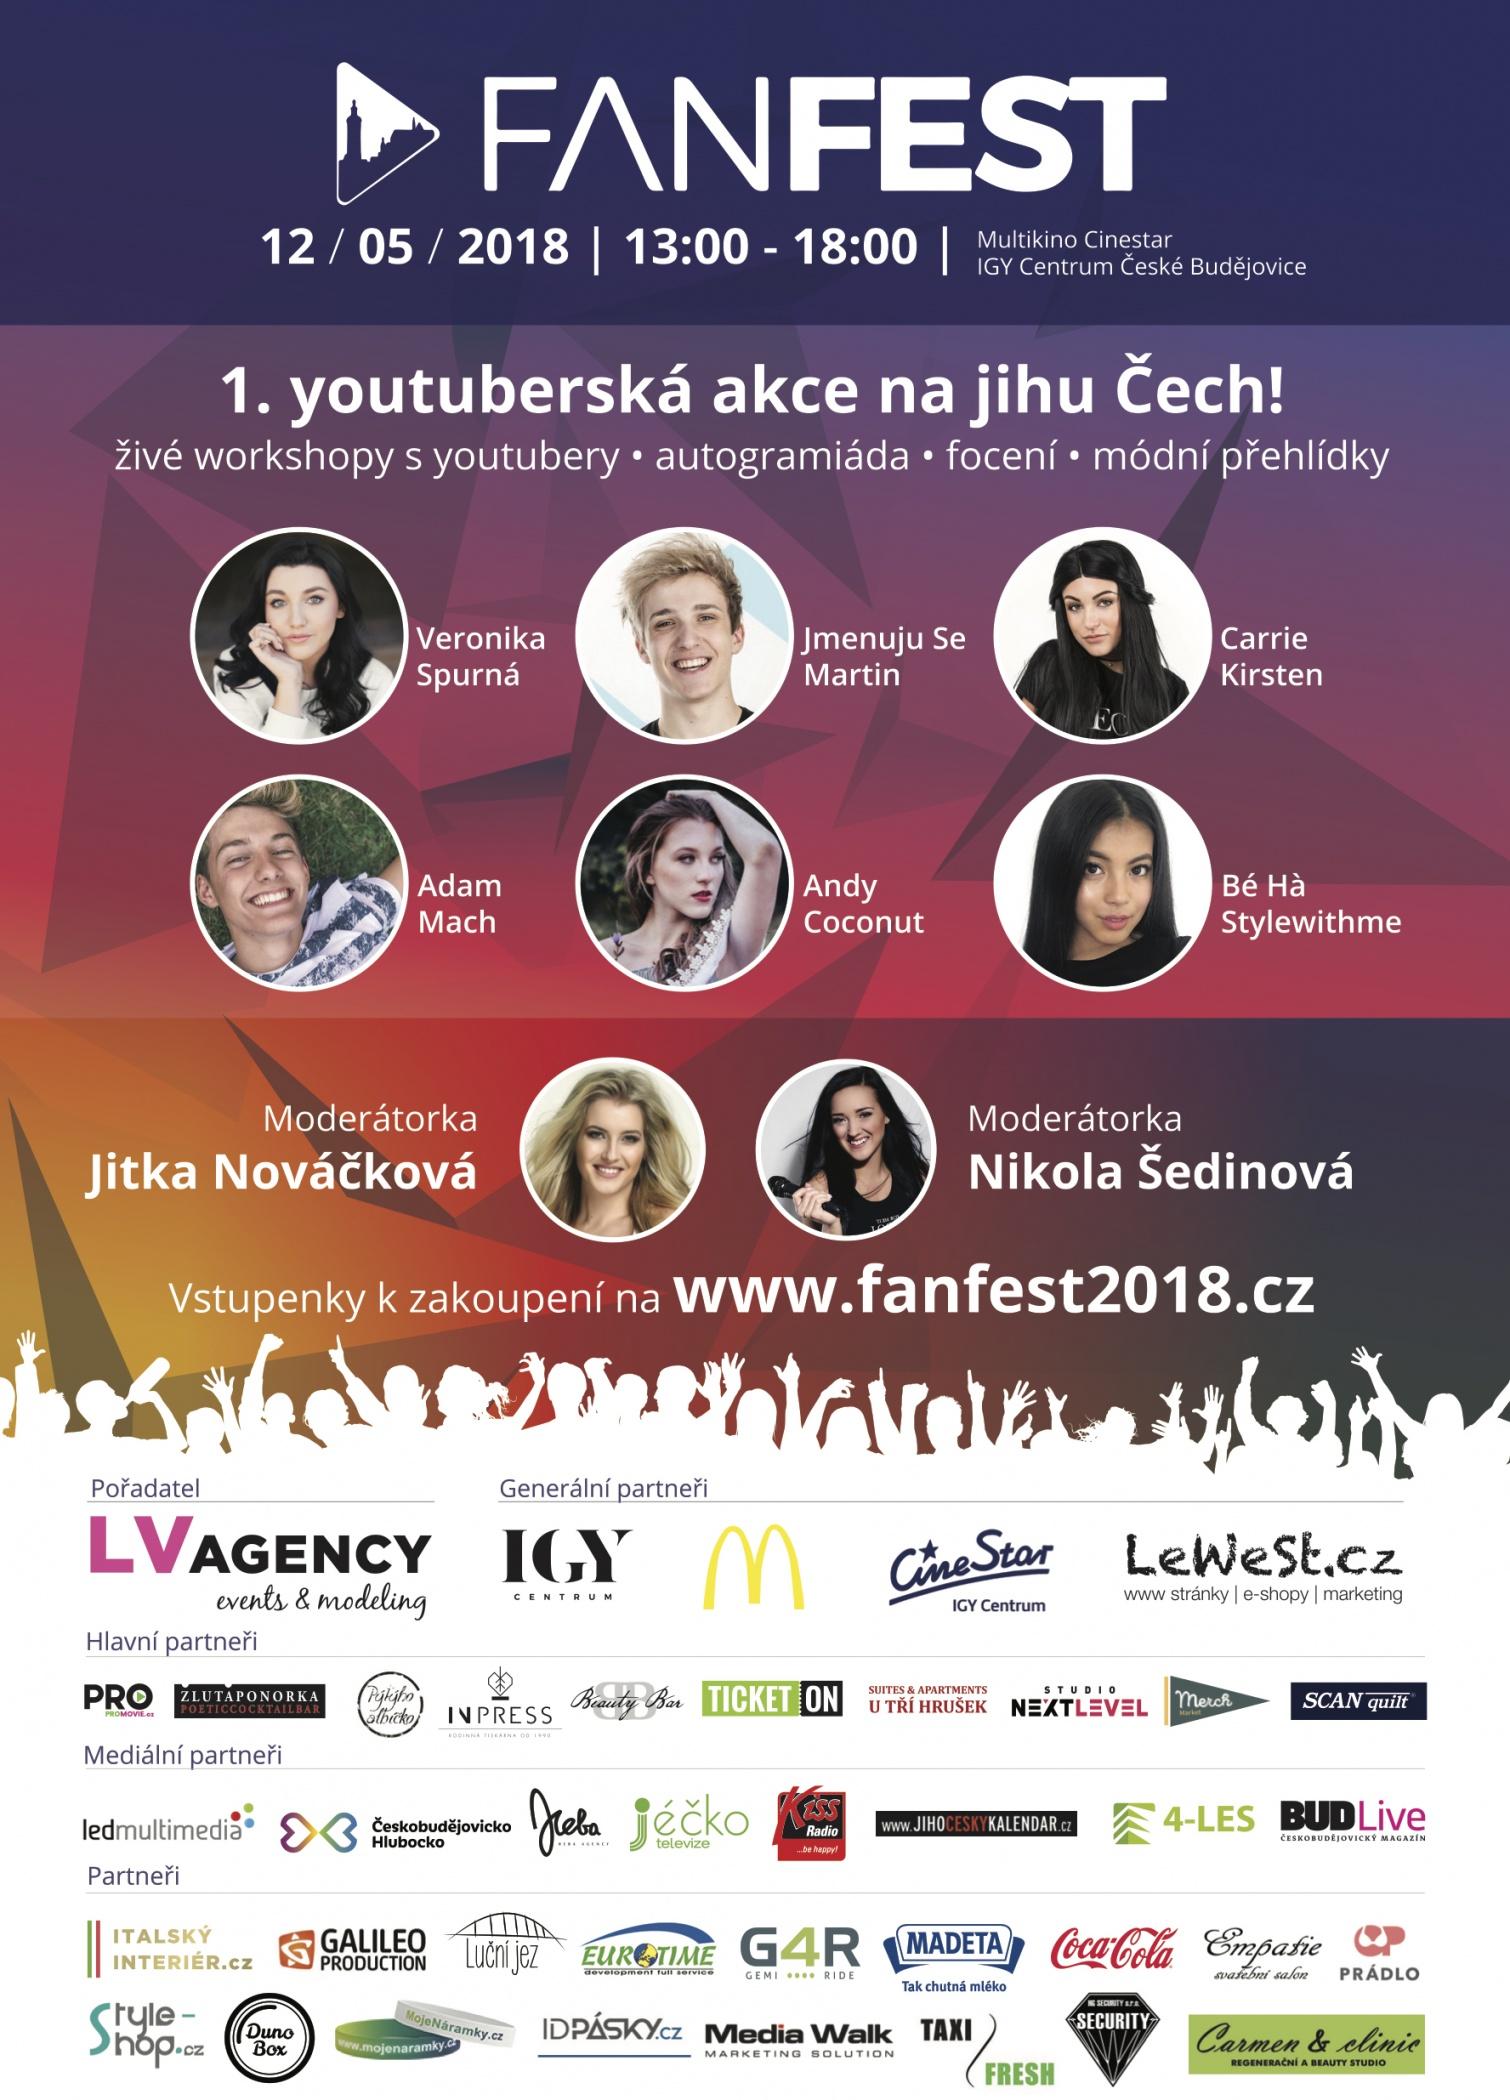 1. ročník youtuberské akce FANFEST na jihu Čech